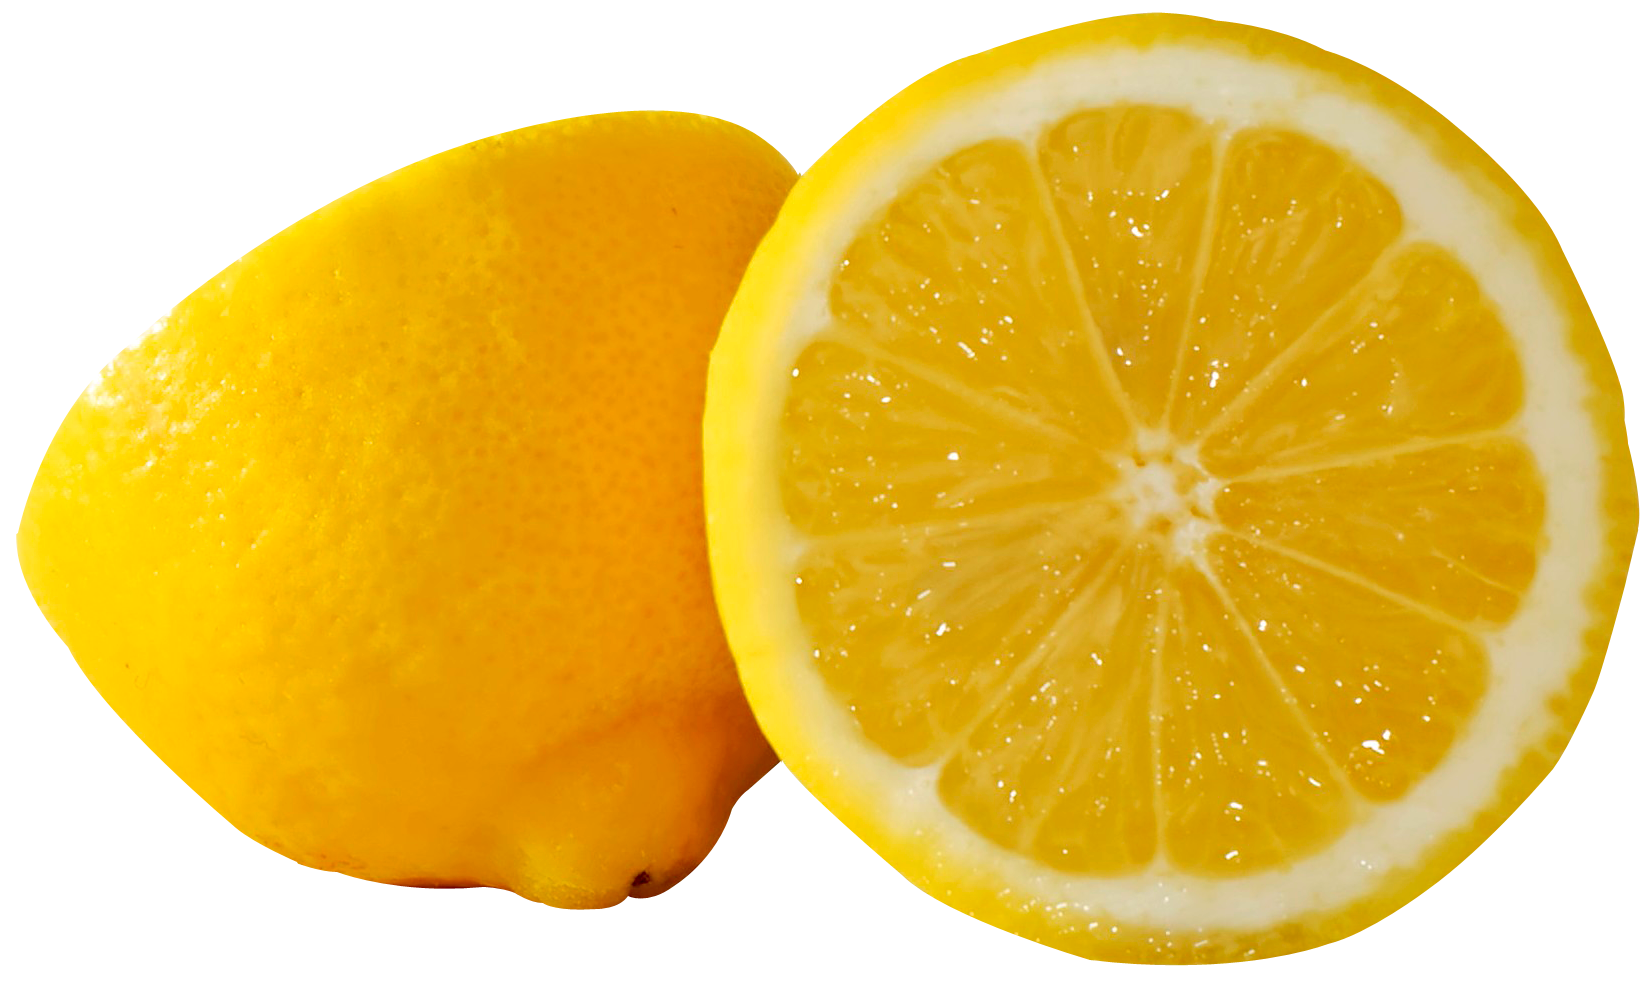 lemon_PNG25200.png